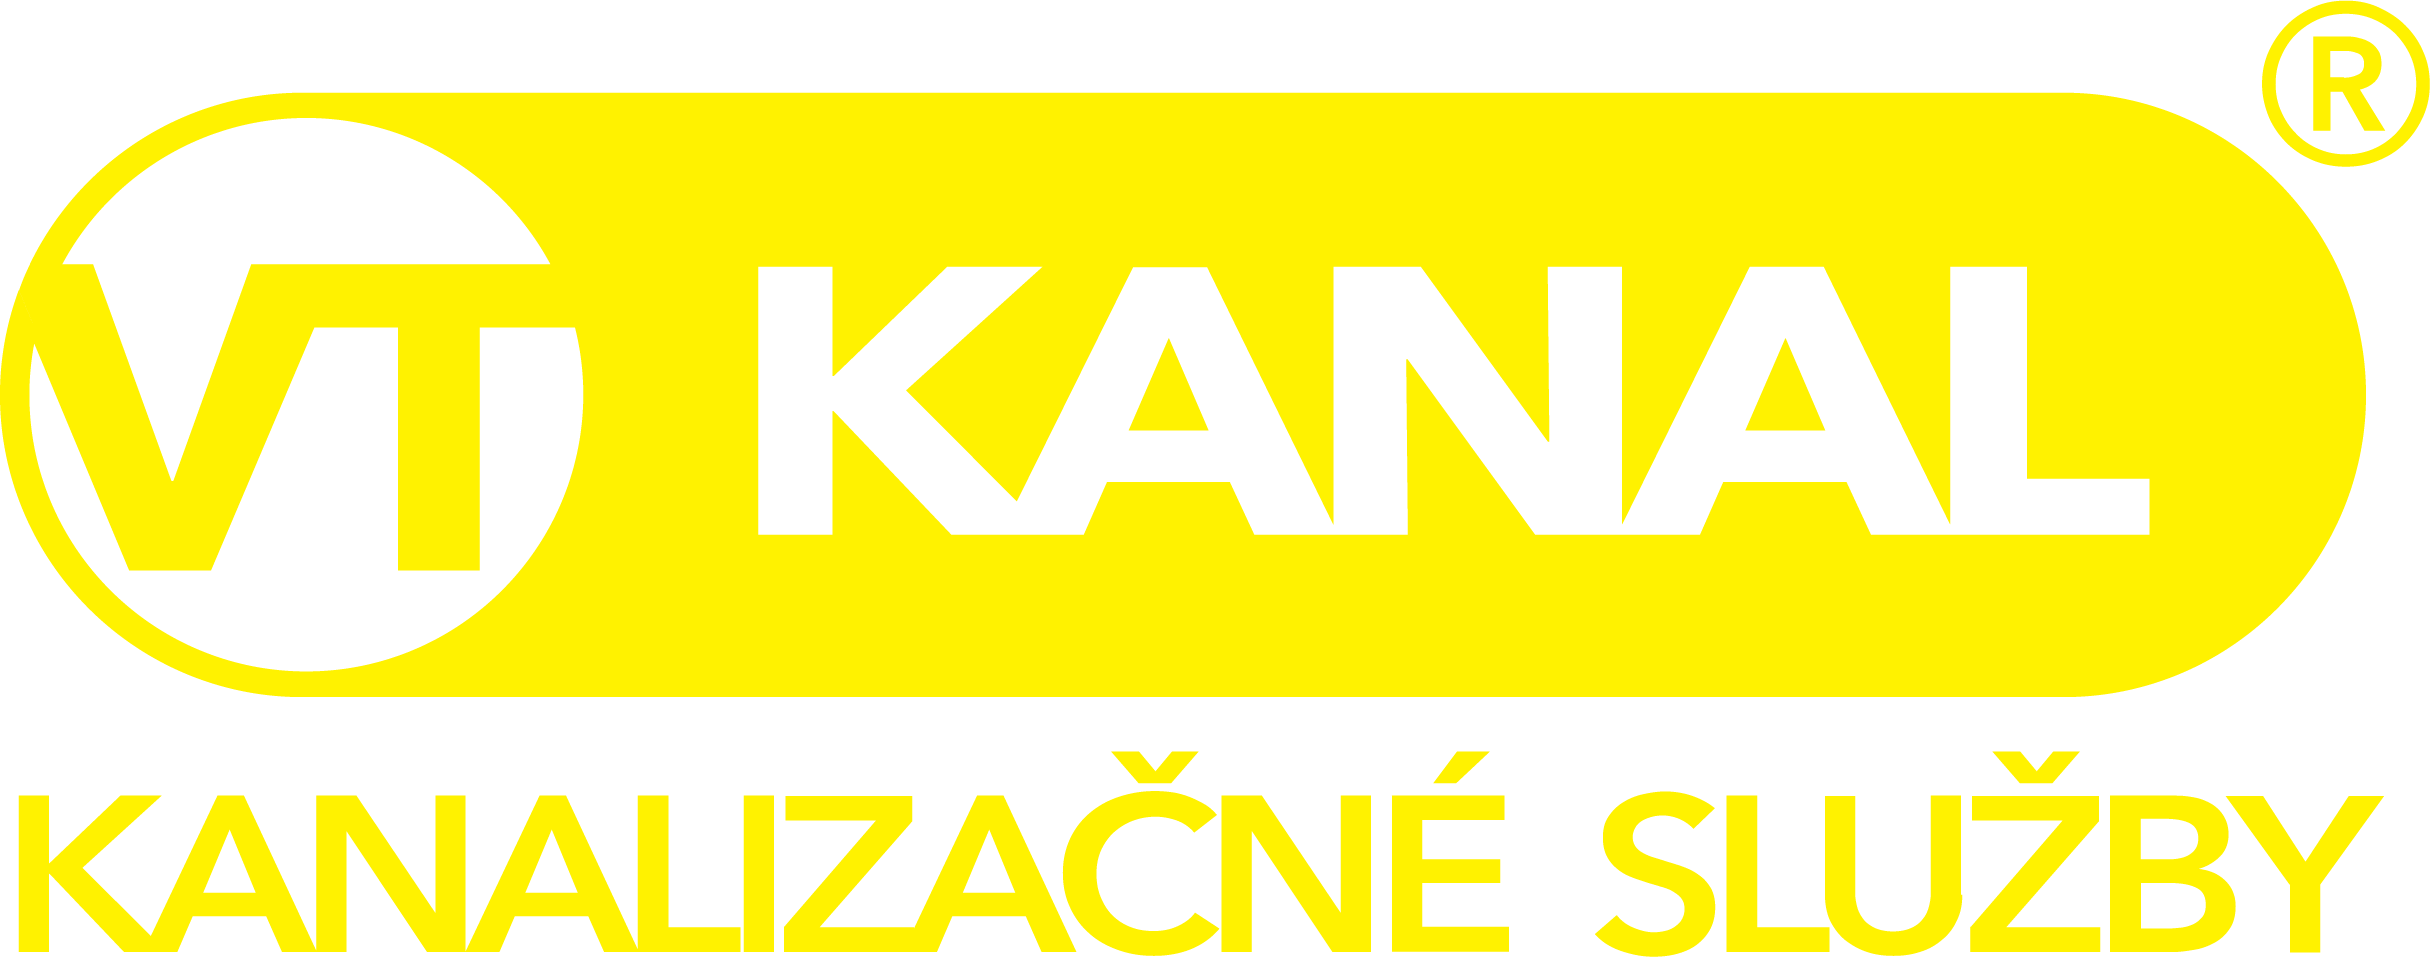 VT KANAL